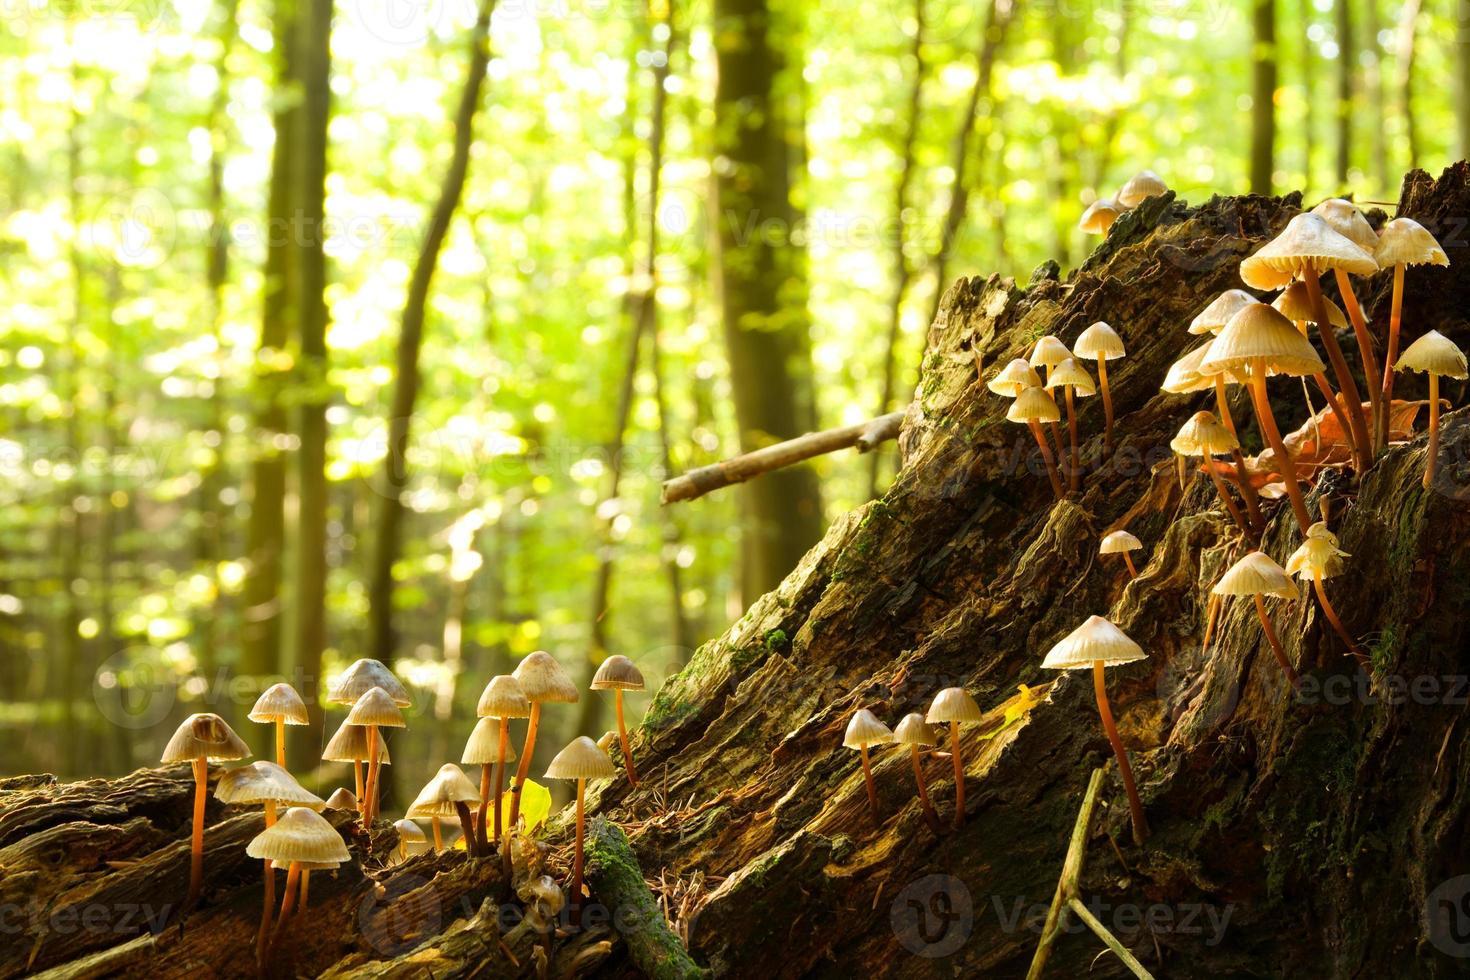 fungos da floresta foto